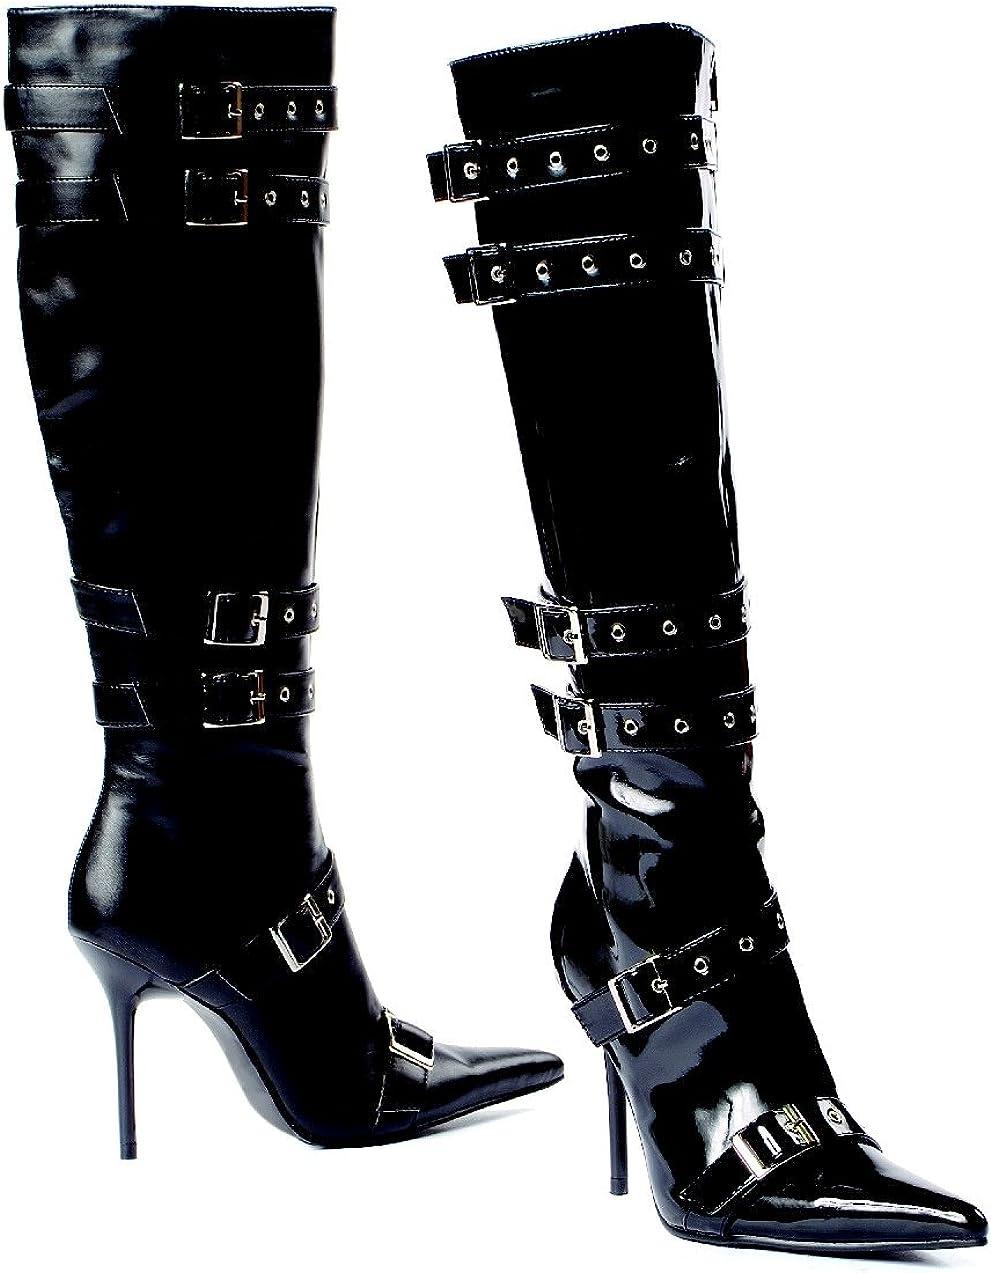 Lexi-516 Adult Shoes Black PU Size 8